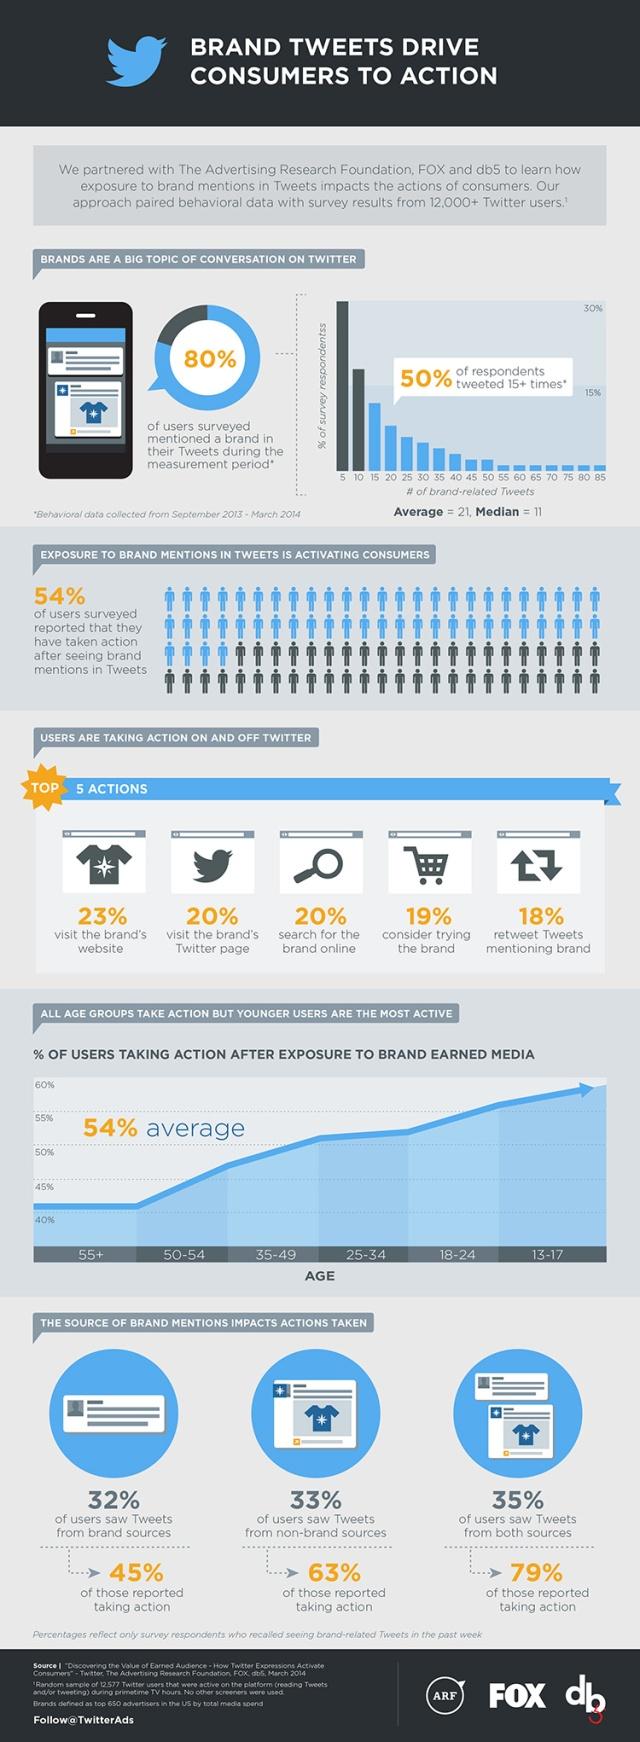 Los tweets de las marcas llevan a los consumidores a la acción